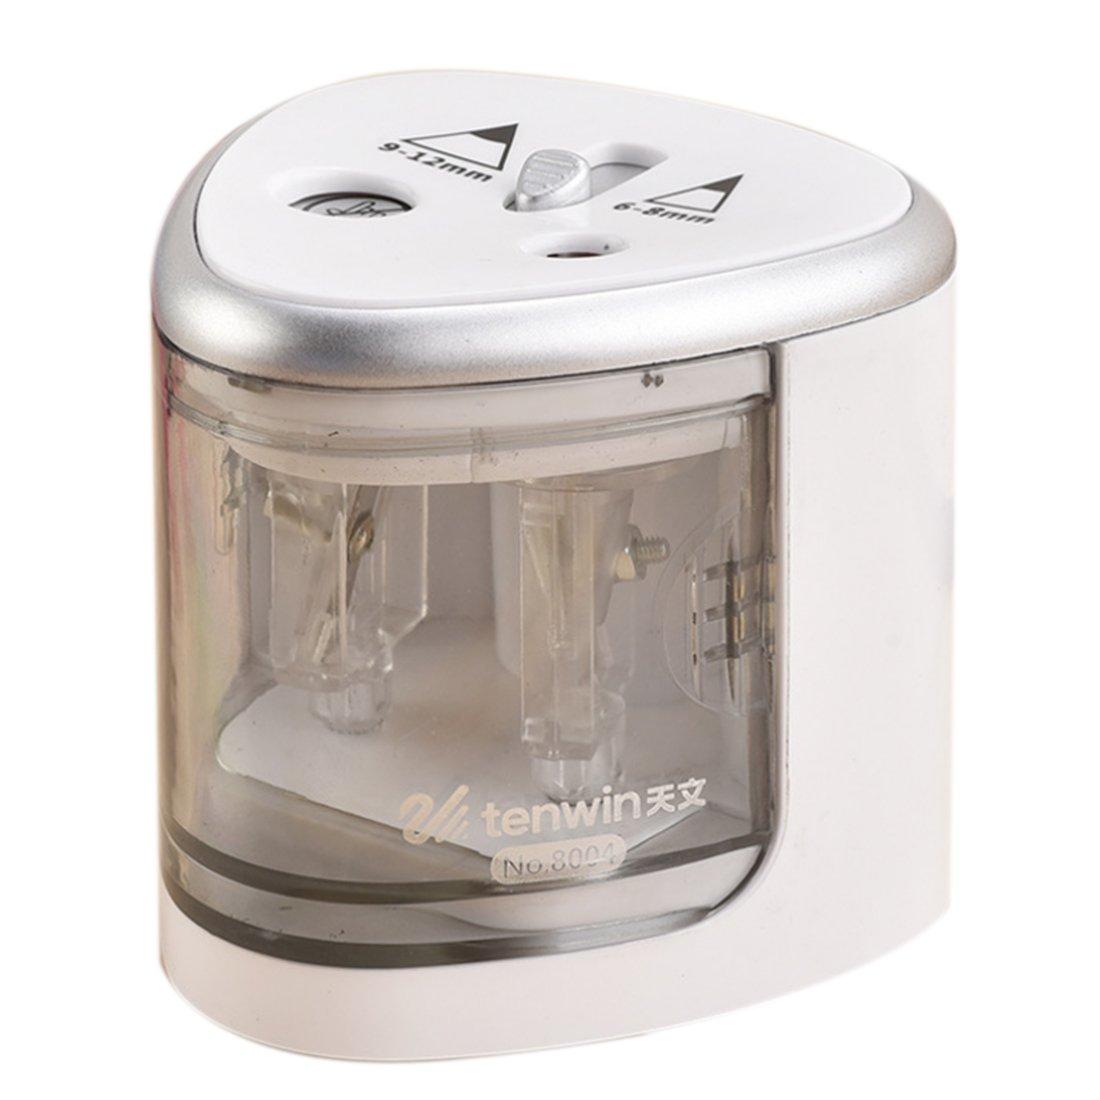 Foxom - temperamatite elettrico con fori grandi e piccoli, 6 mm - 12 mm, per casa, scuola e ufficio 7.5*7.5*7cm Silver